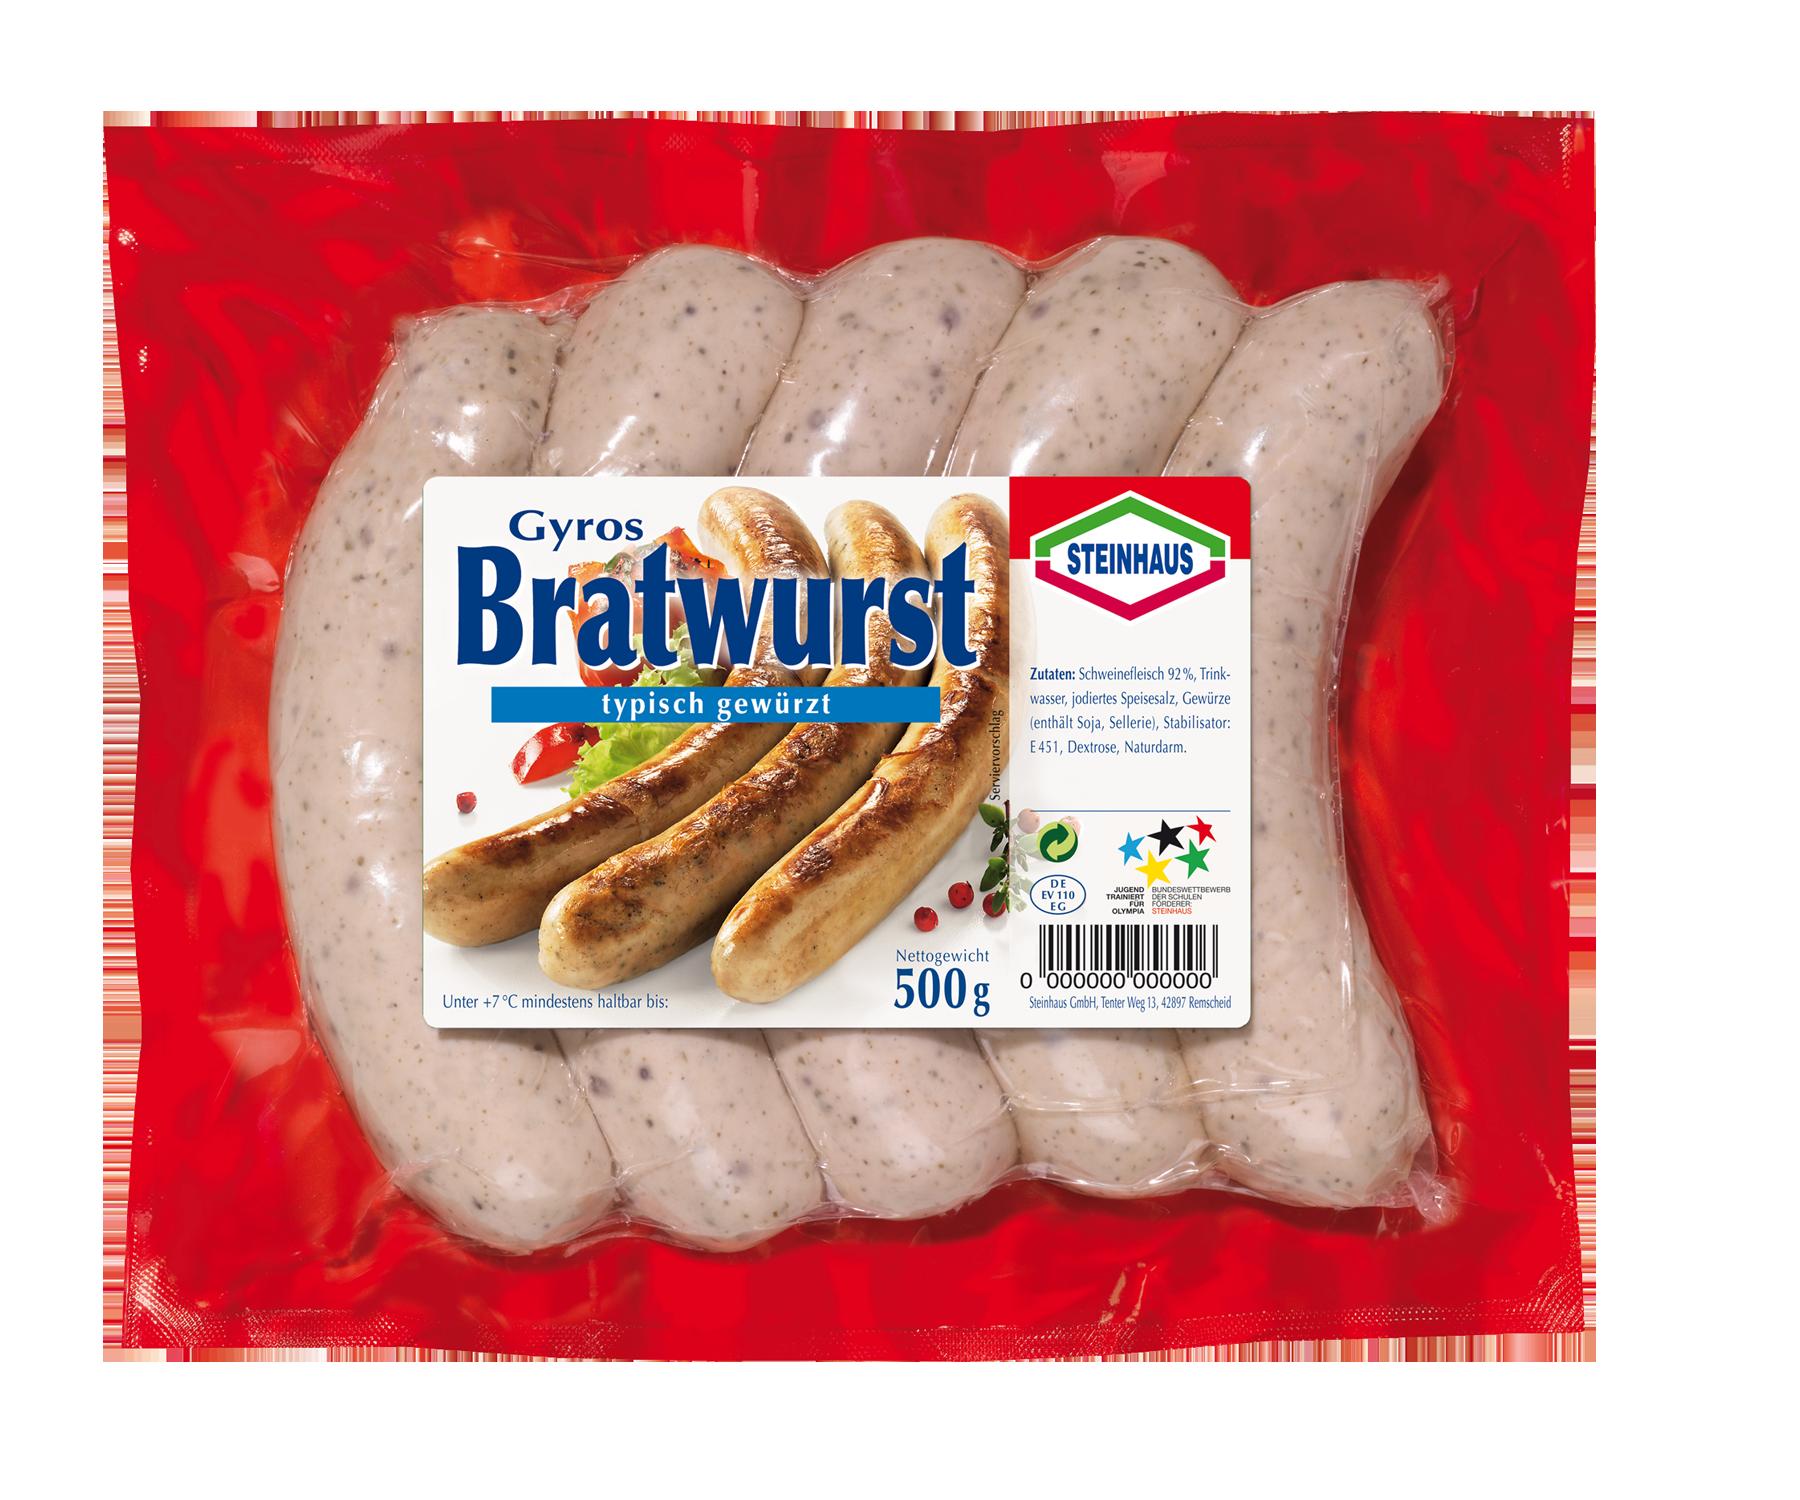 Gyros Bratwurst